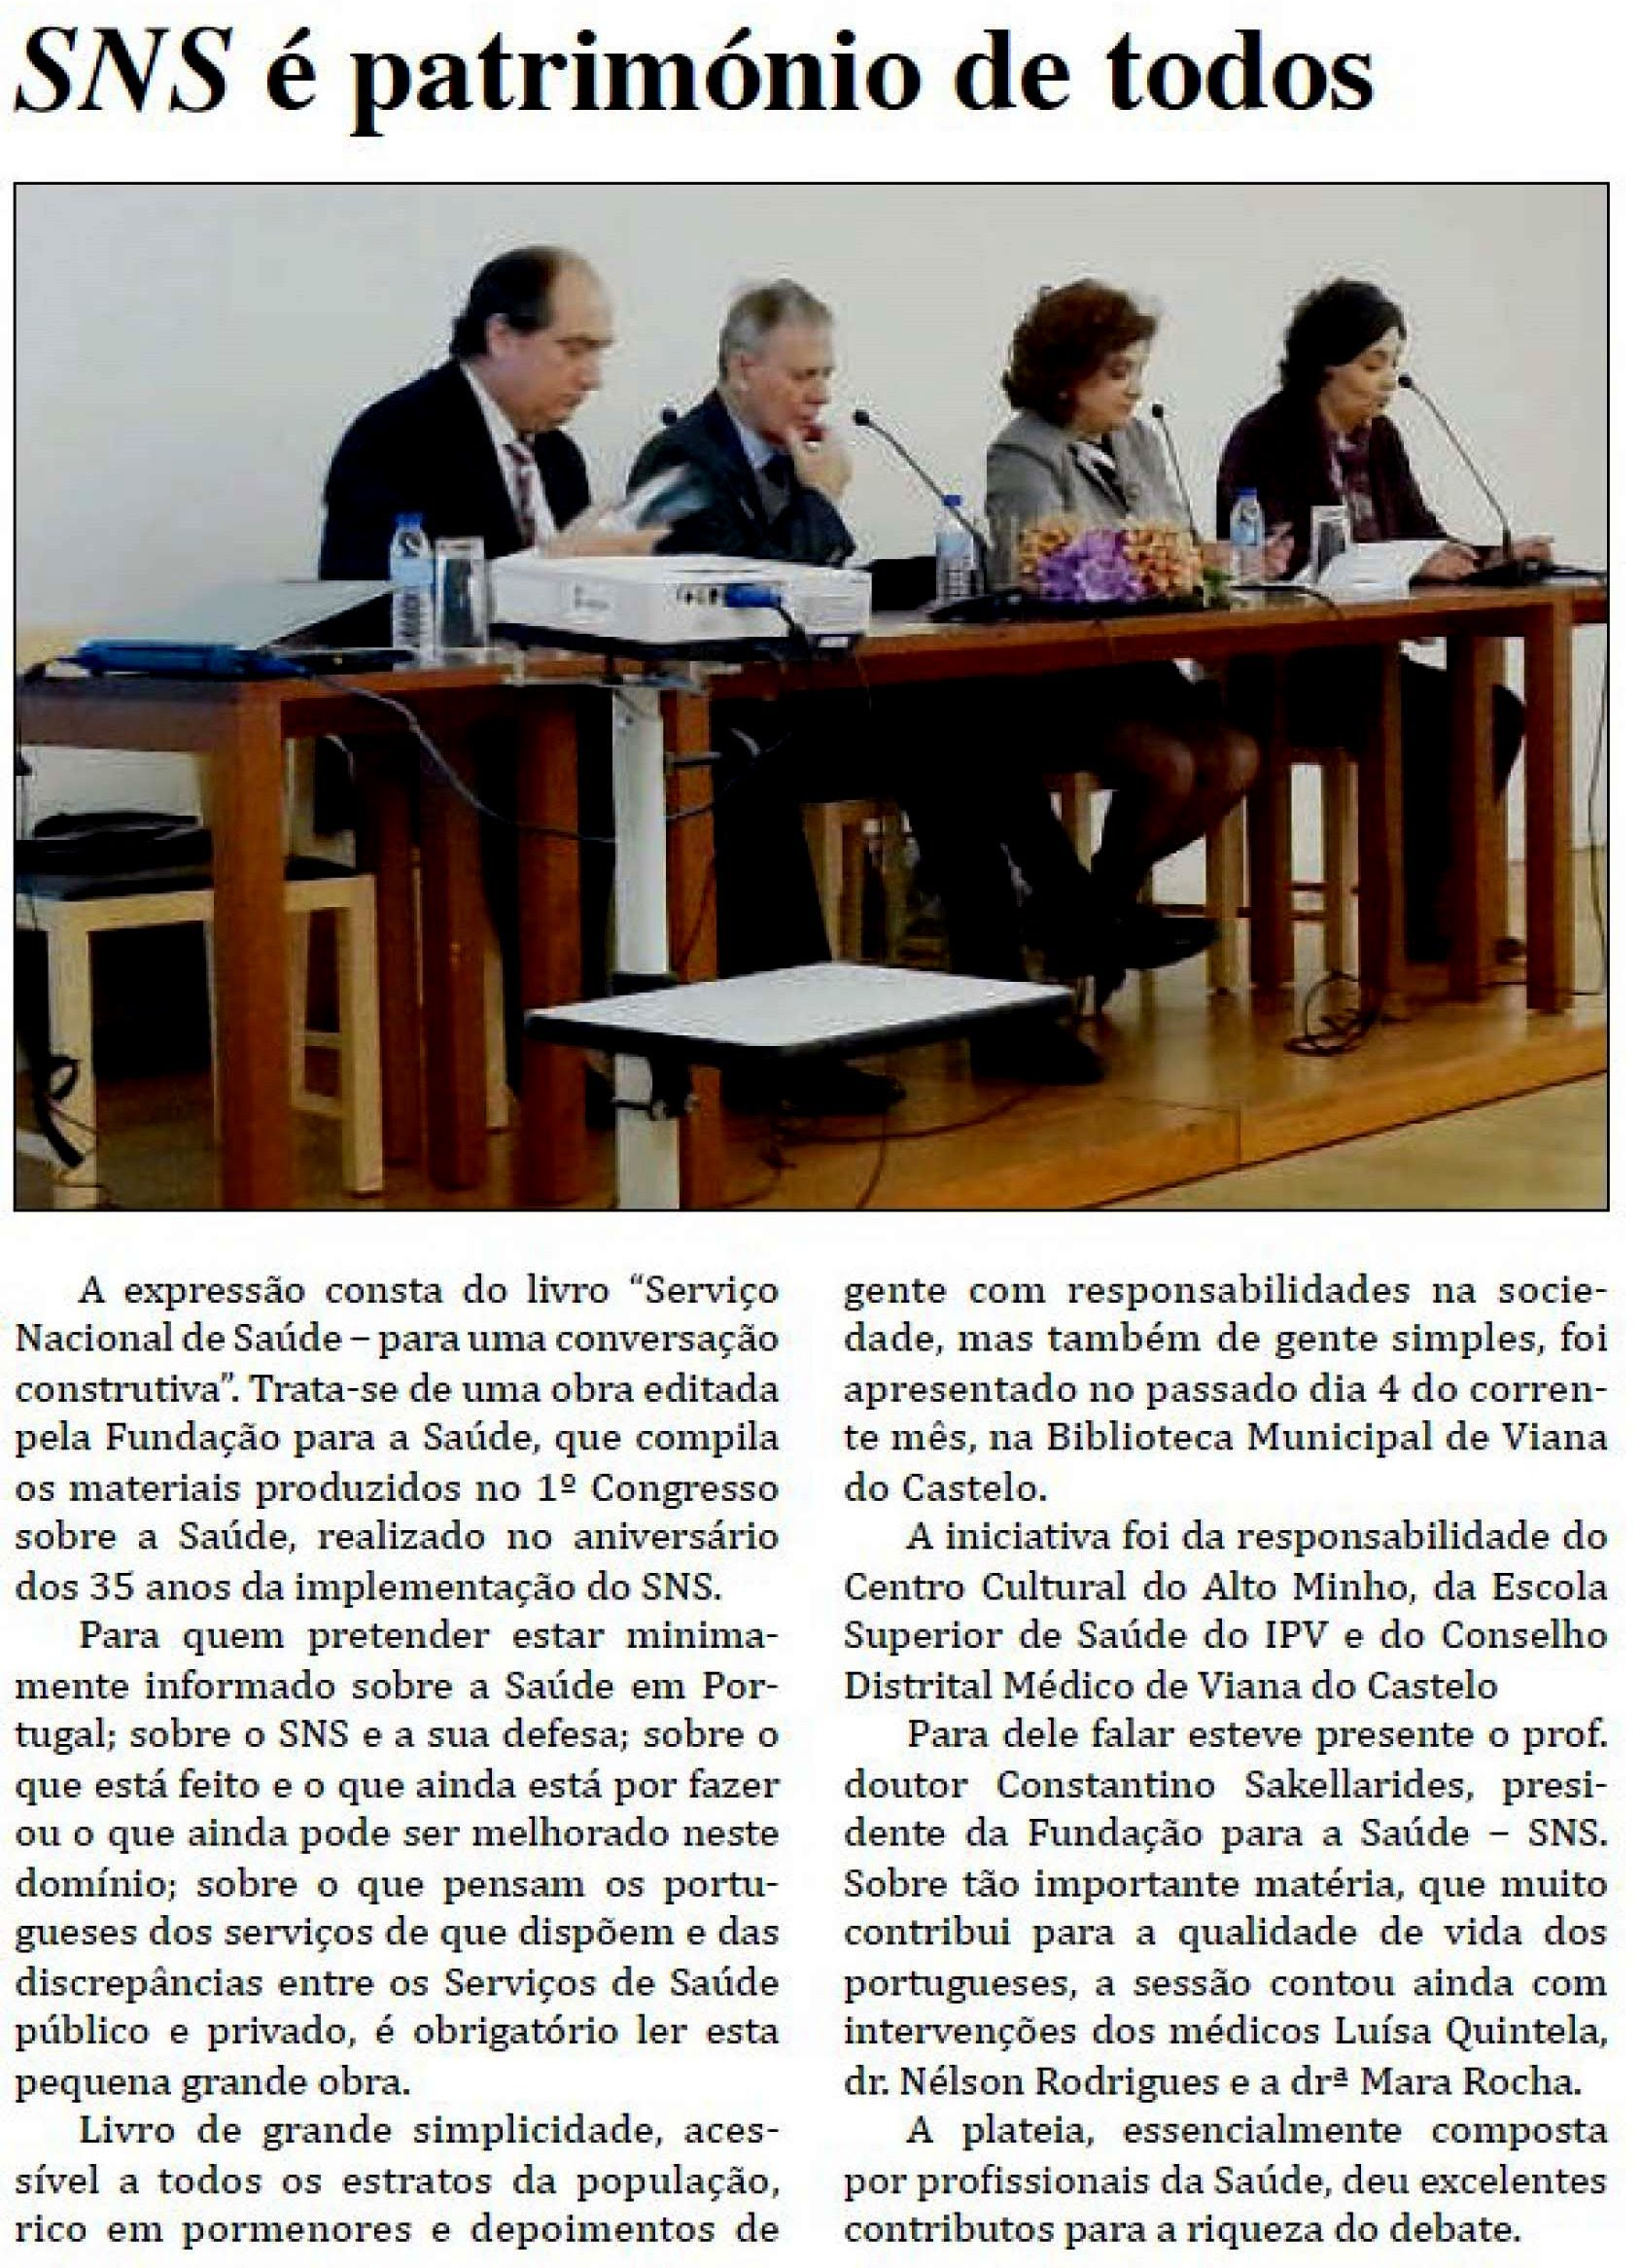 https://sites.google.com/a/centroculturaldoaltominho.org/ccam/actividades-realizadas/2014/SNS.jpg